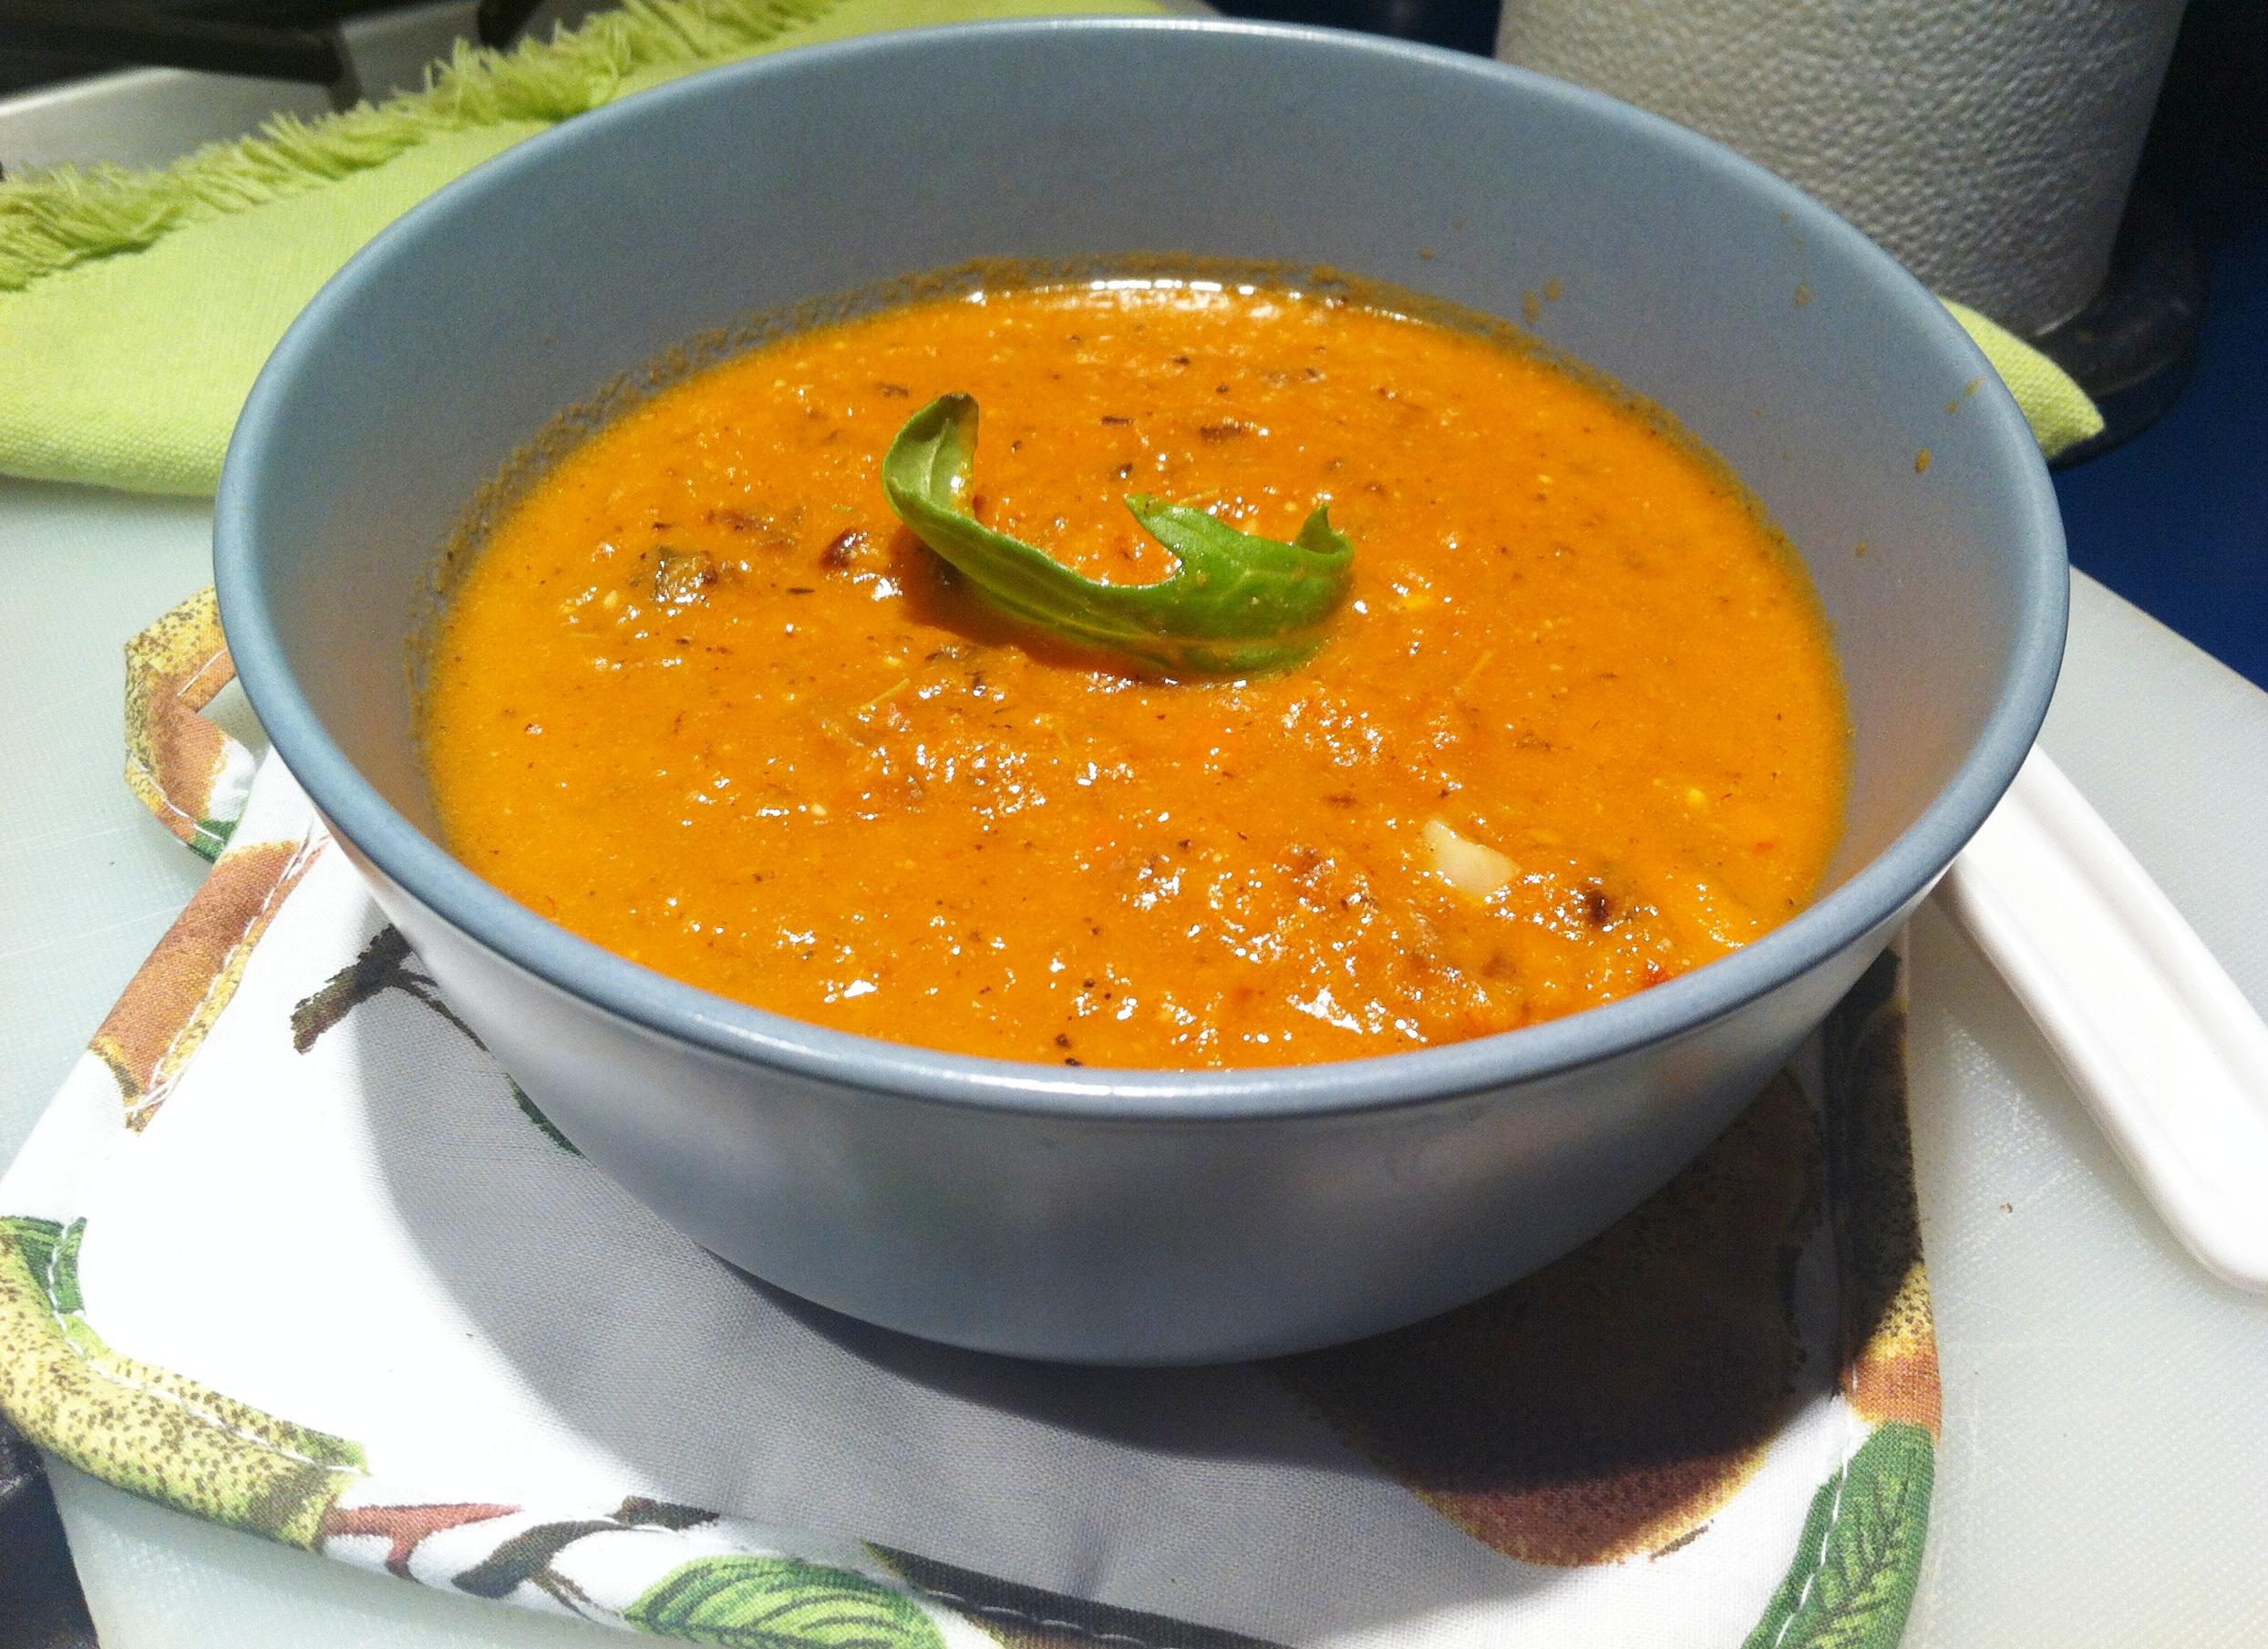 ... soup beckyinvt wordpress com tomato soup homemade tomato soup tomato